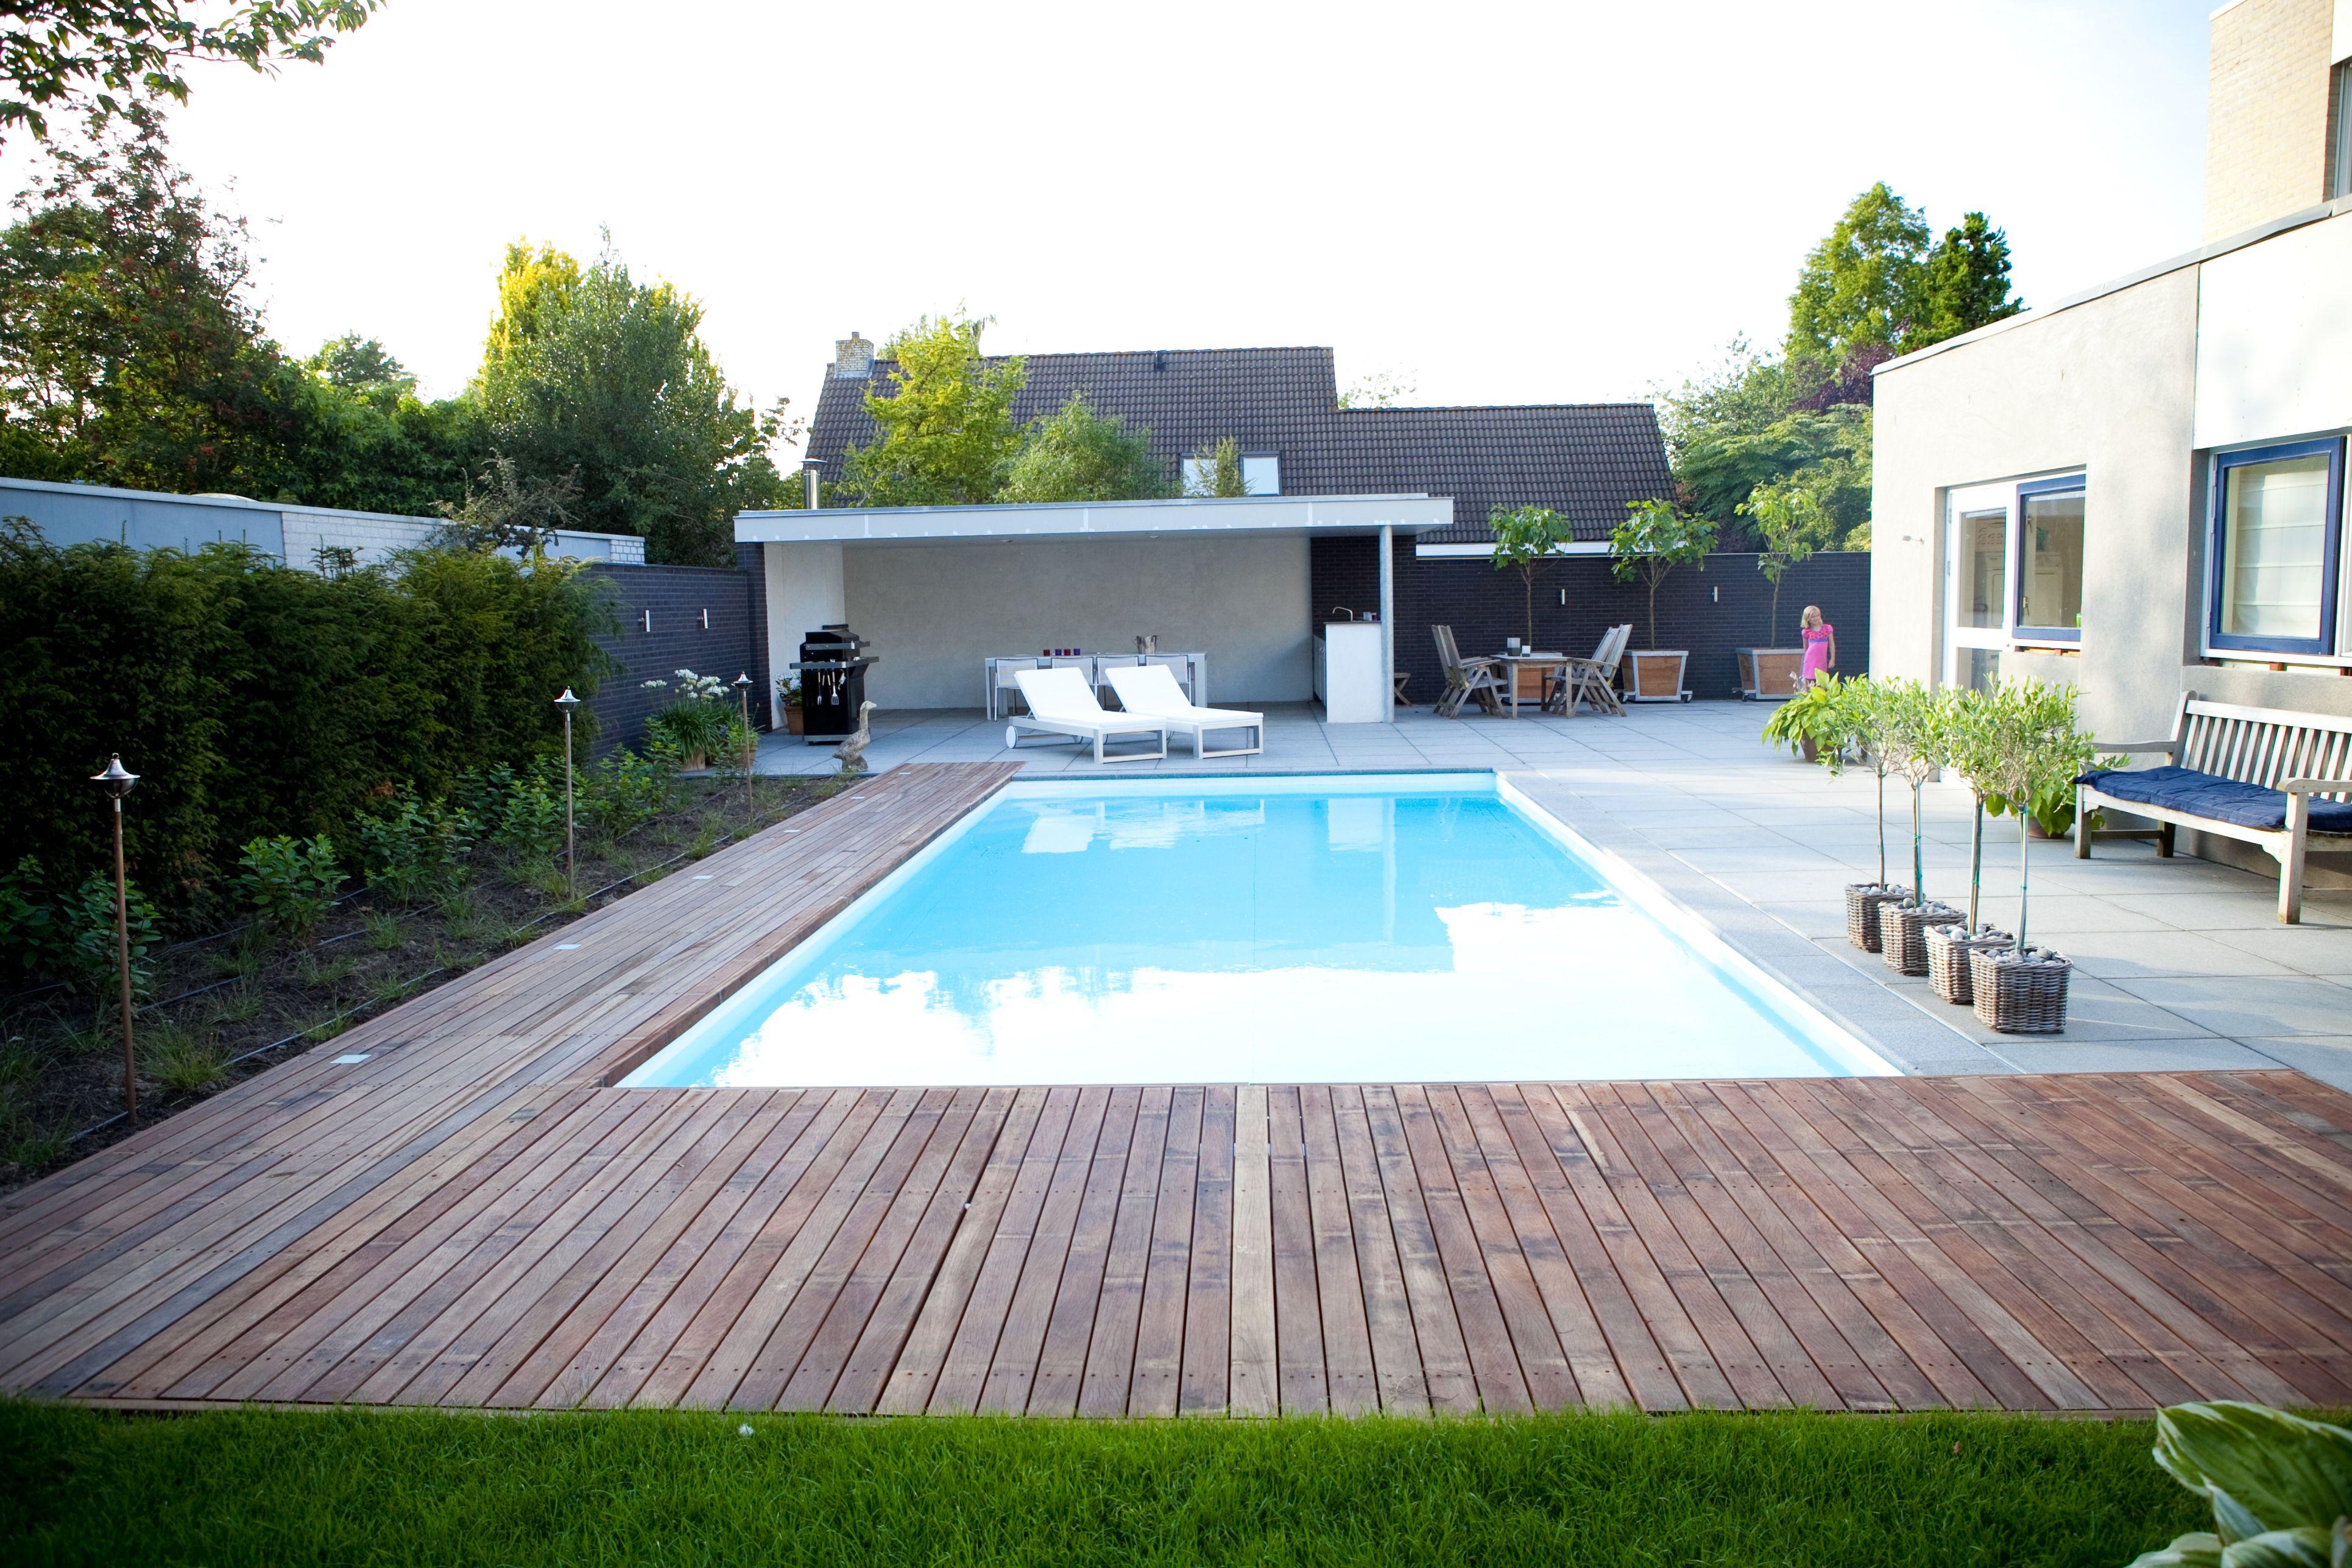 Moderne tuin in zeewolde met zwembad houten vlonders en overdekt